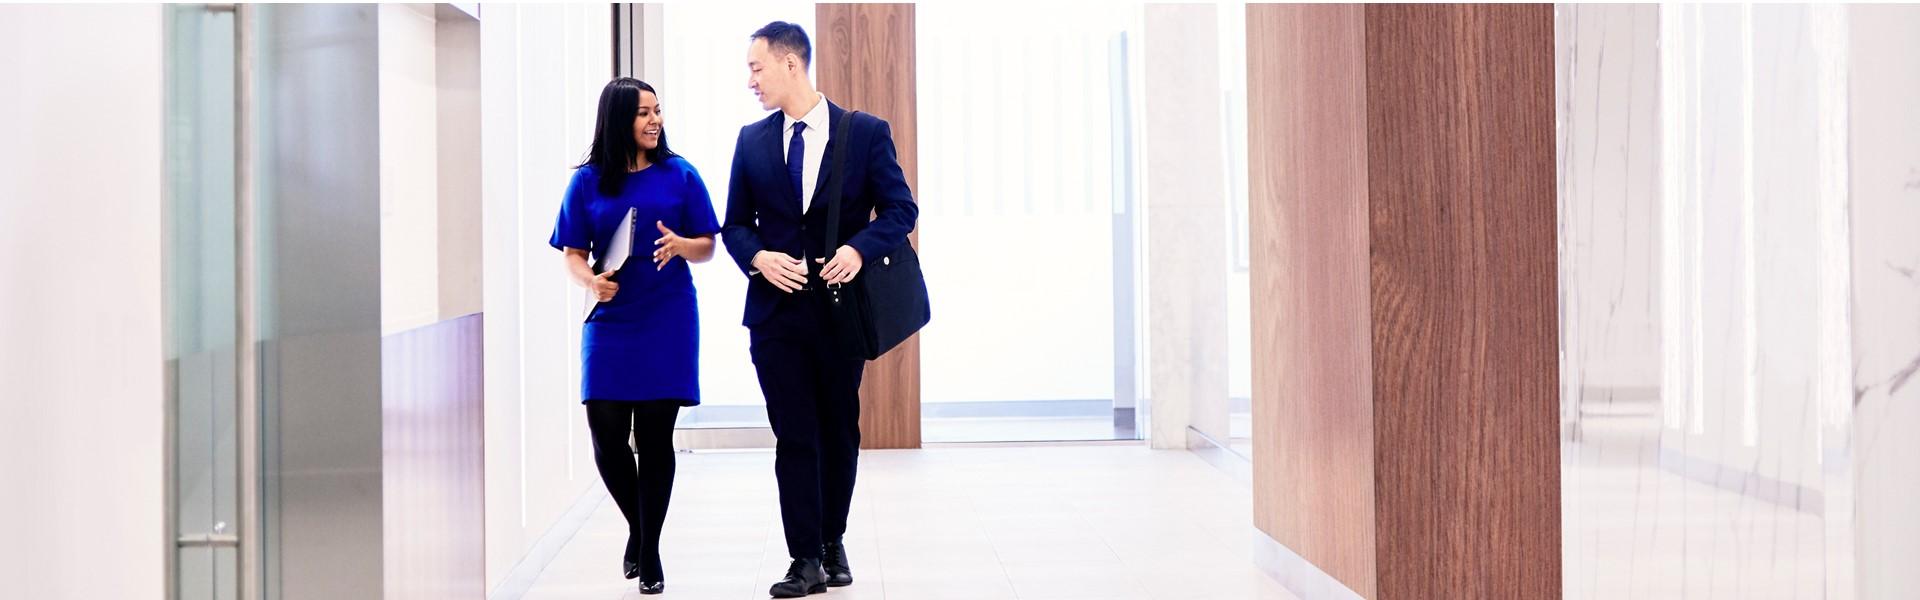 Deux employés qui marchent dans un corridor de l'aire d'accueil de la Banque.